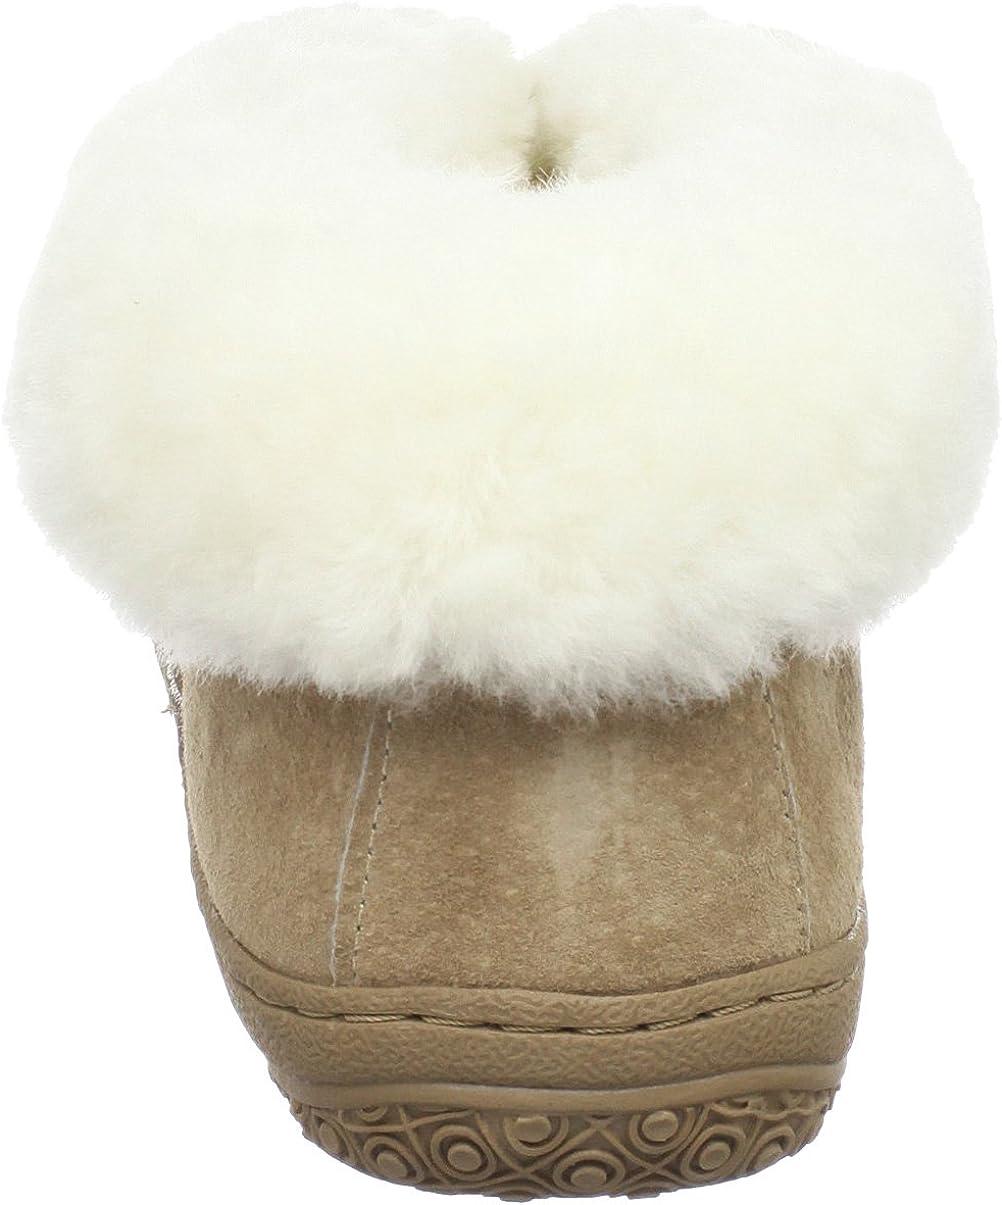 Details about  /NEW Old Friend Childrens Sheepskin Bootie Slipper